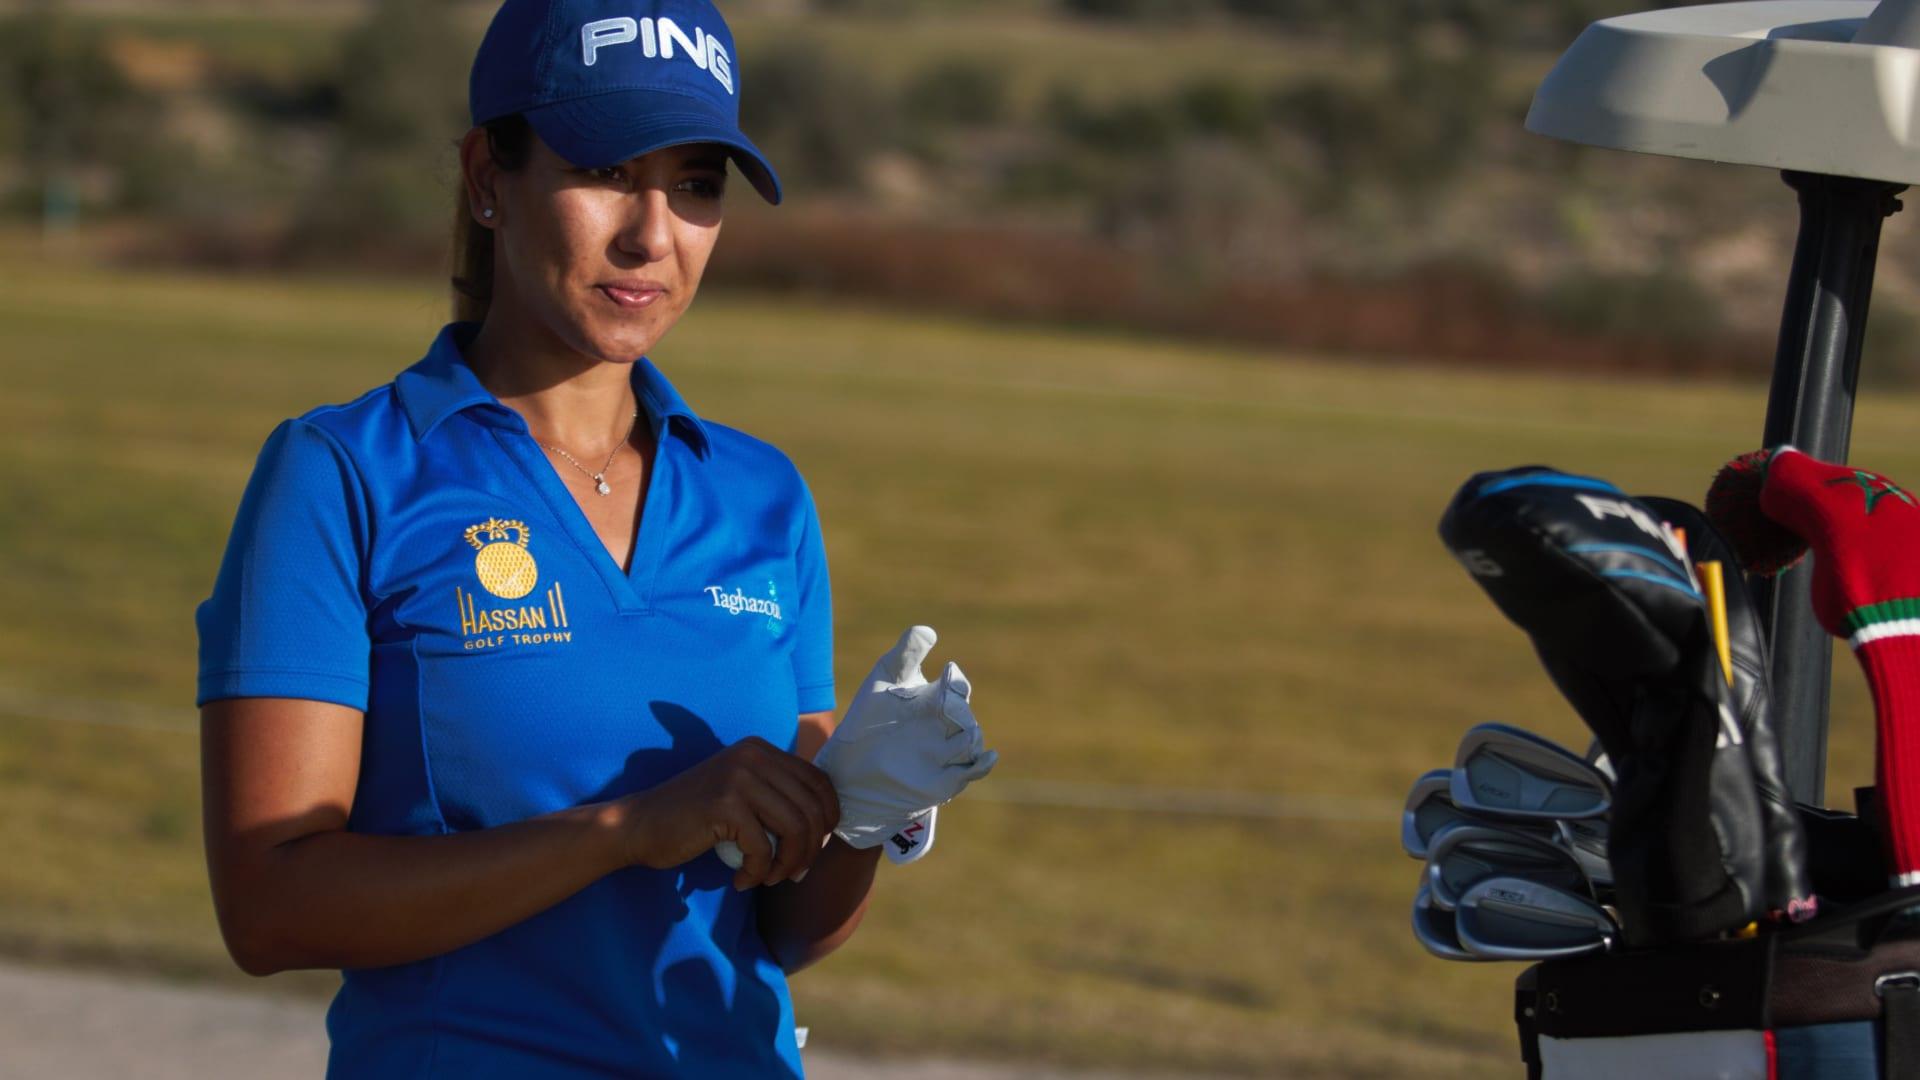 تعرّفوا على بطل الغولف المسؤول عن بعض أطول ضربات الغولف المسجلة على الإطلاق